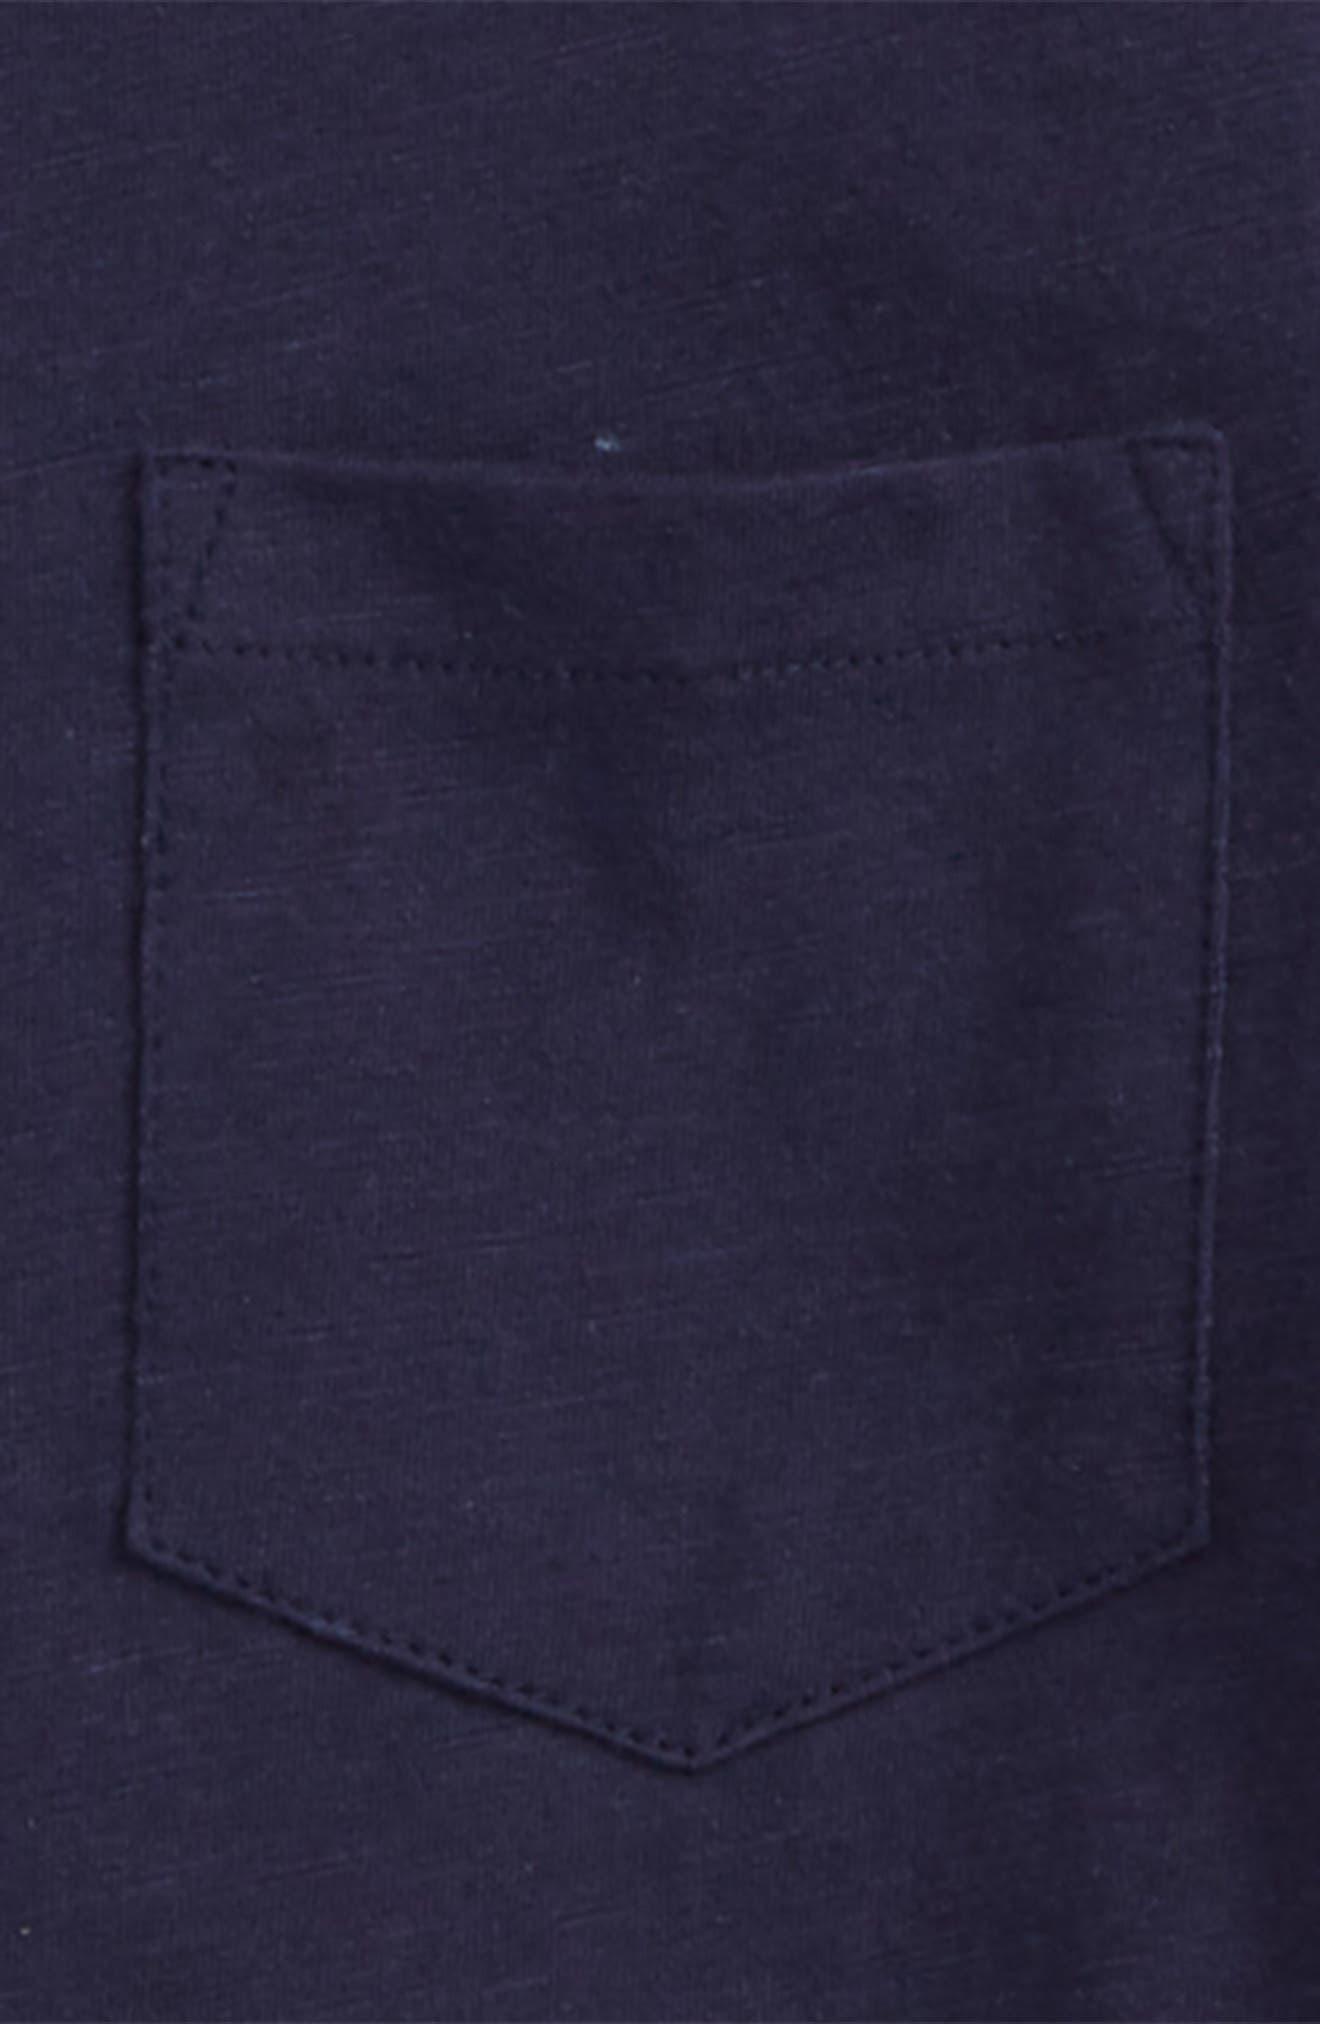 Pocket T-Shirt,                             Alternate thumbnail 2, color,                             410